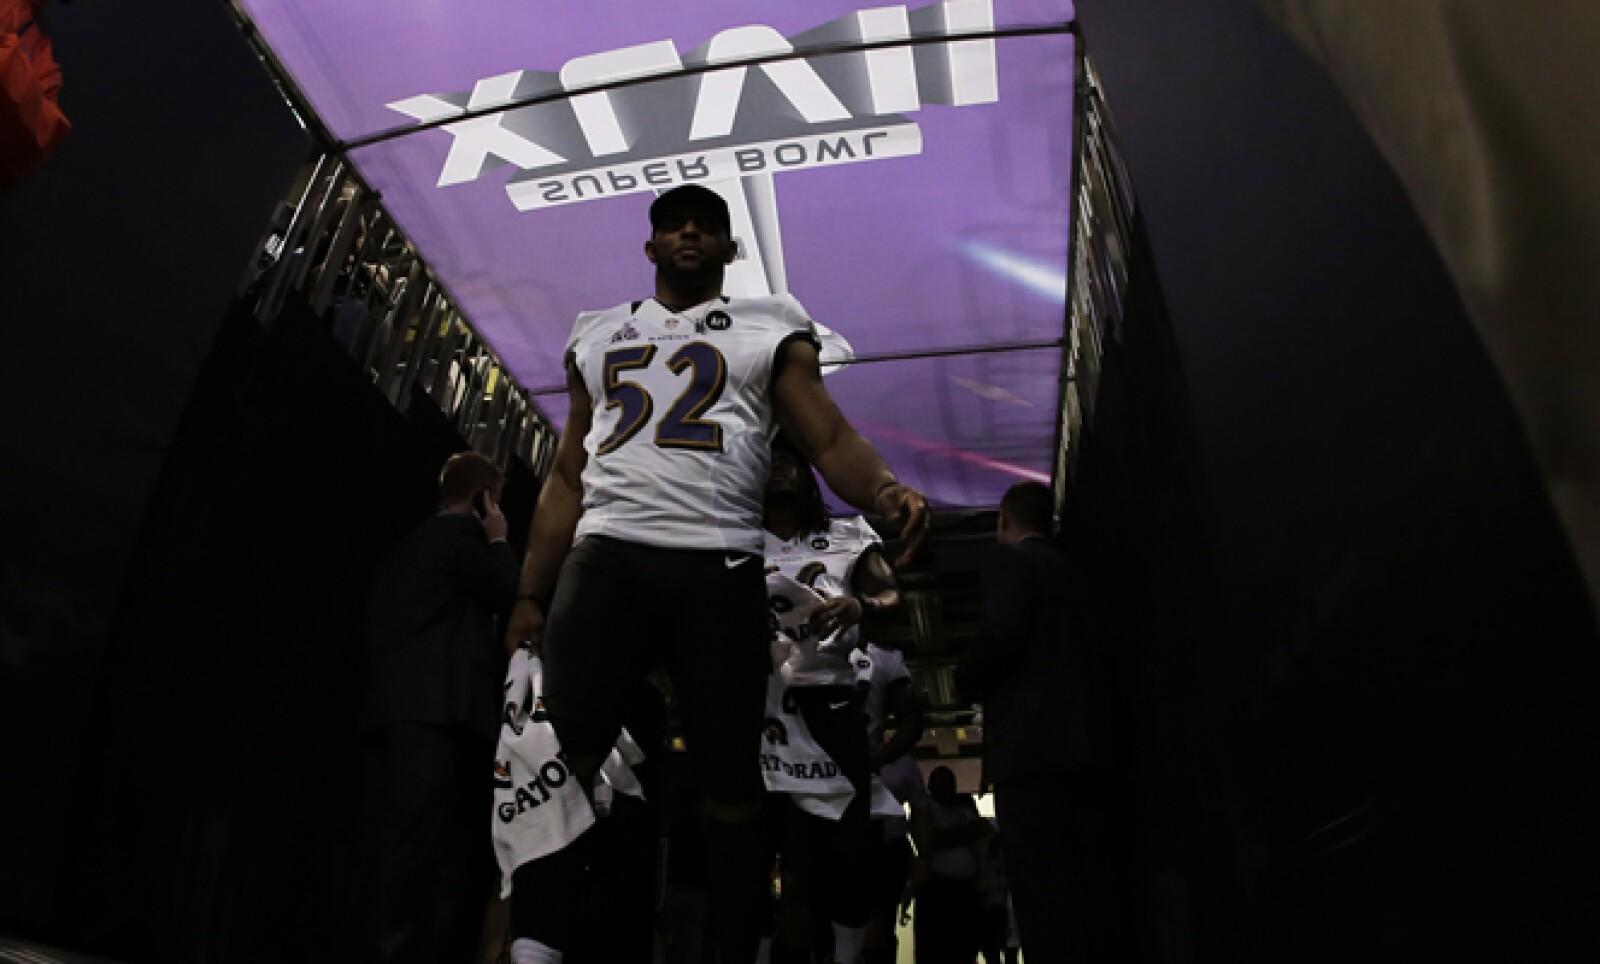 El linebacker de los Cuervos de Baltimore, Ray Lewis, anunció su retiro esta temporada. Este será su último juego.